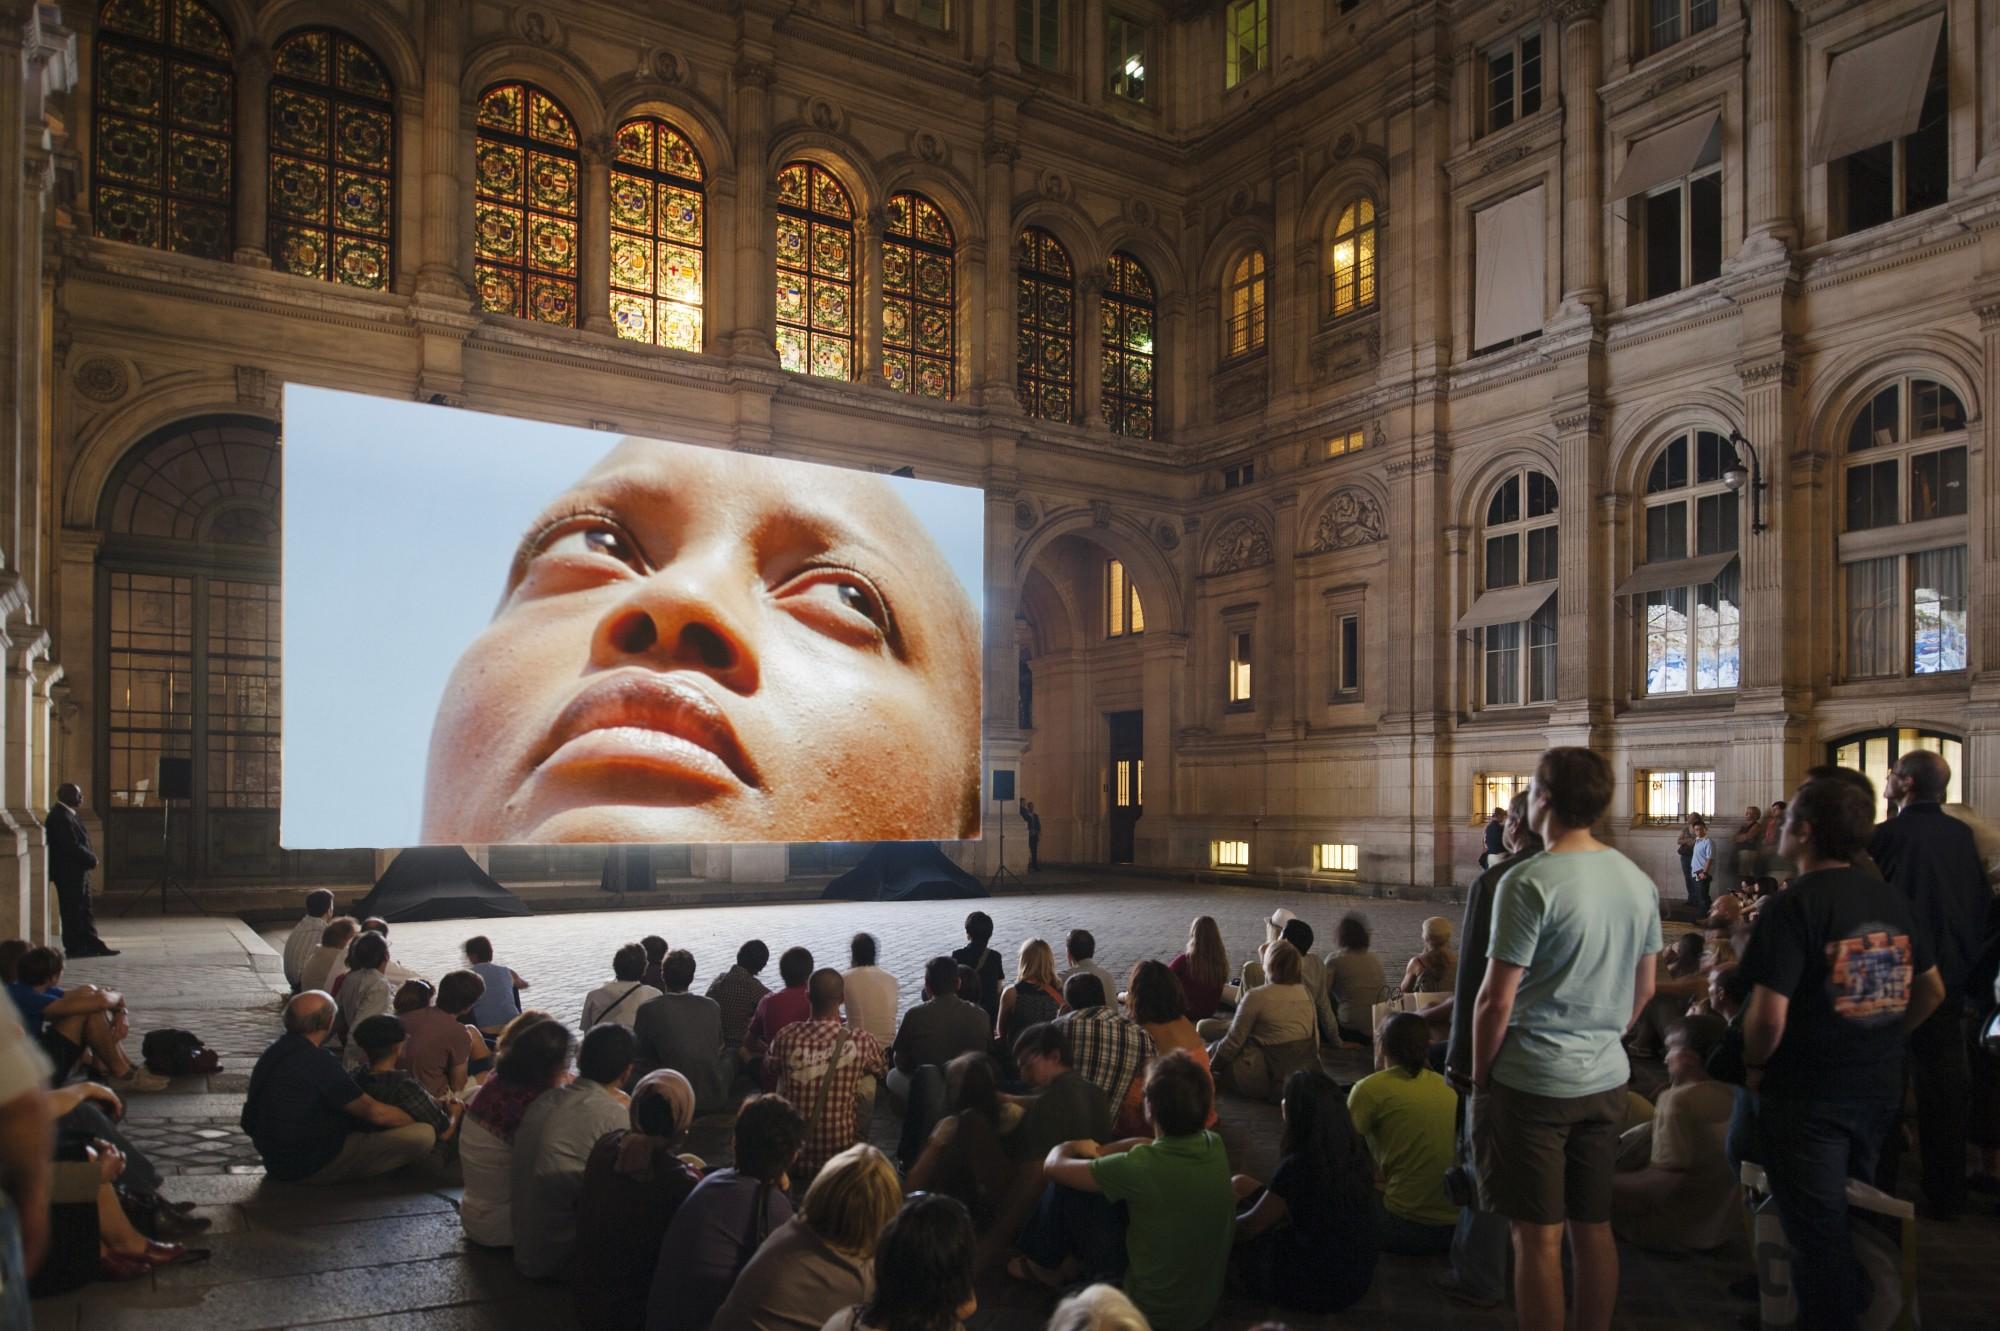 """Nuit Blanche. Cour deL'hôtel de Ville, Paris, 2011.  Super 16mm colour film, transferred to High Definition, 5.1 sound, 19' 51"""""""